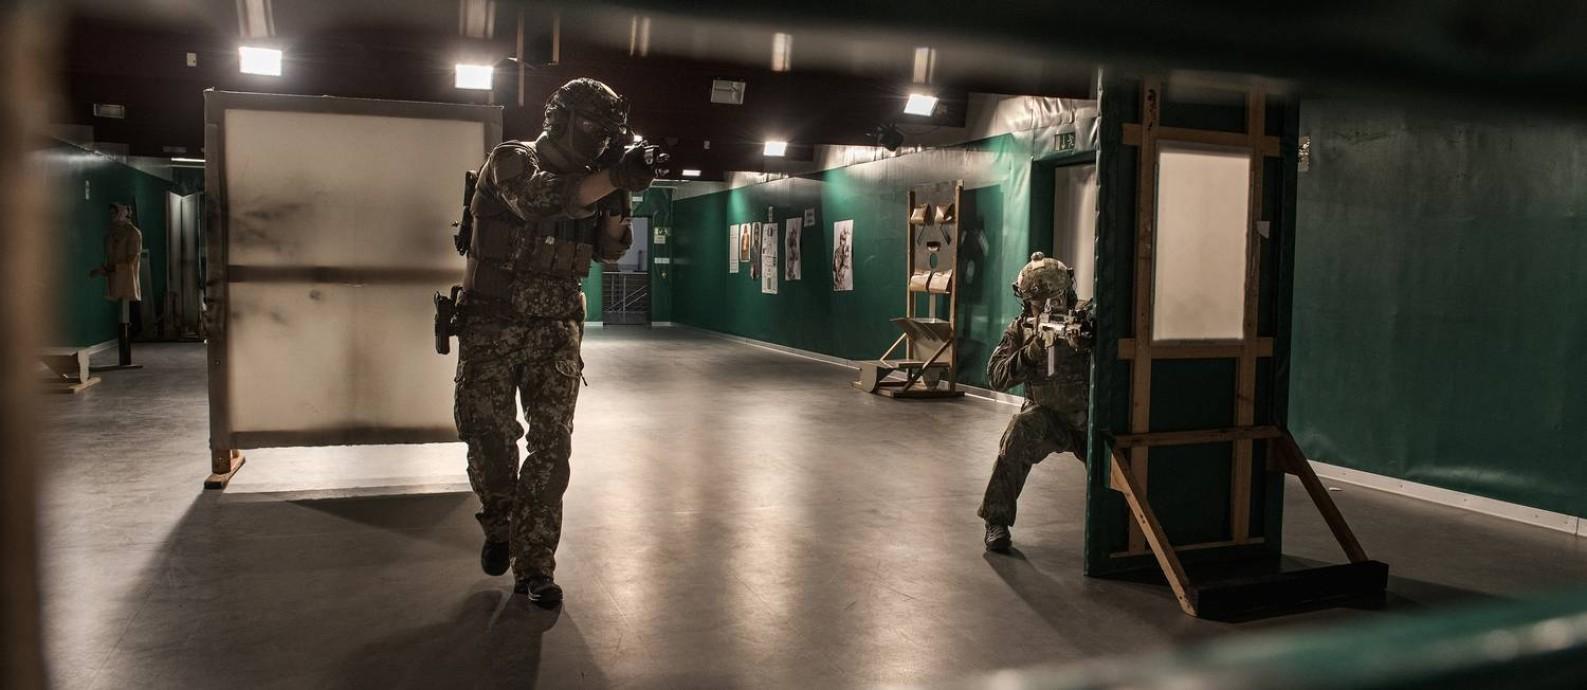 Exercício na base do KSK, unidade de elite com muitos suspeitos de neonazismo e que teve divisão de combate extinta nessa semana Foto: LAETITIA VANCON / NYT